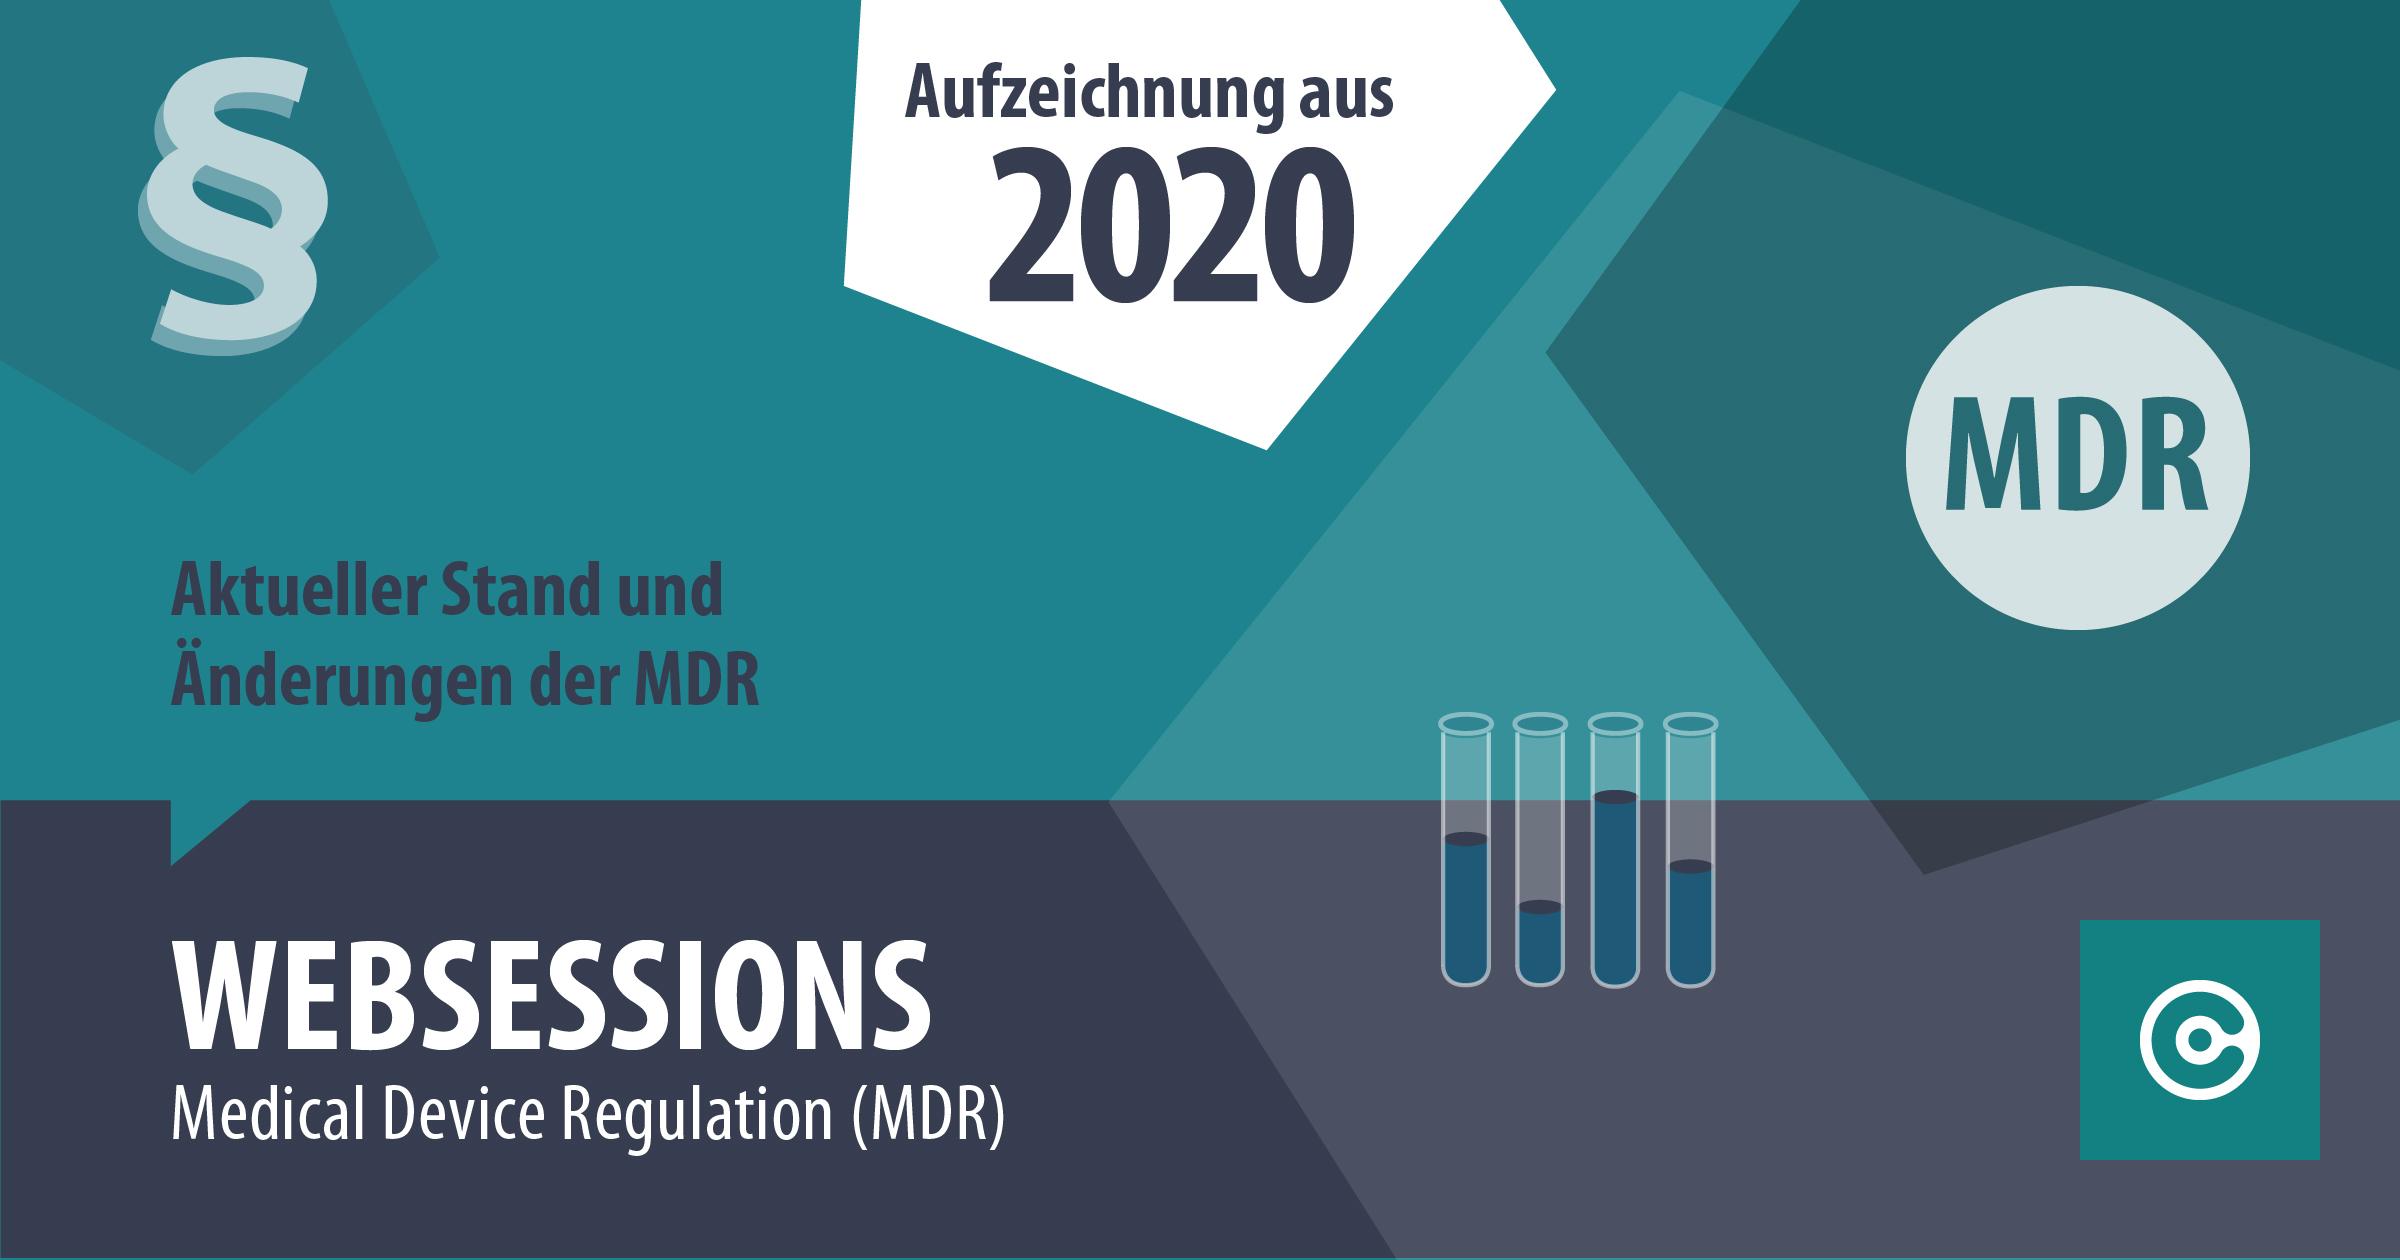 Aktuelle Änderungen MDR Websession 2020